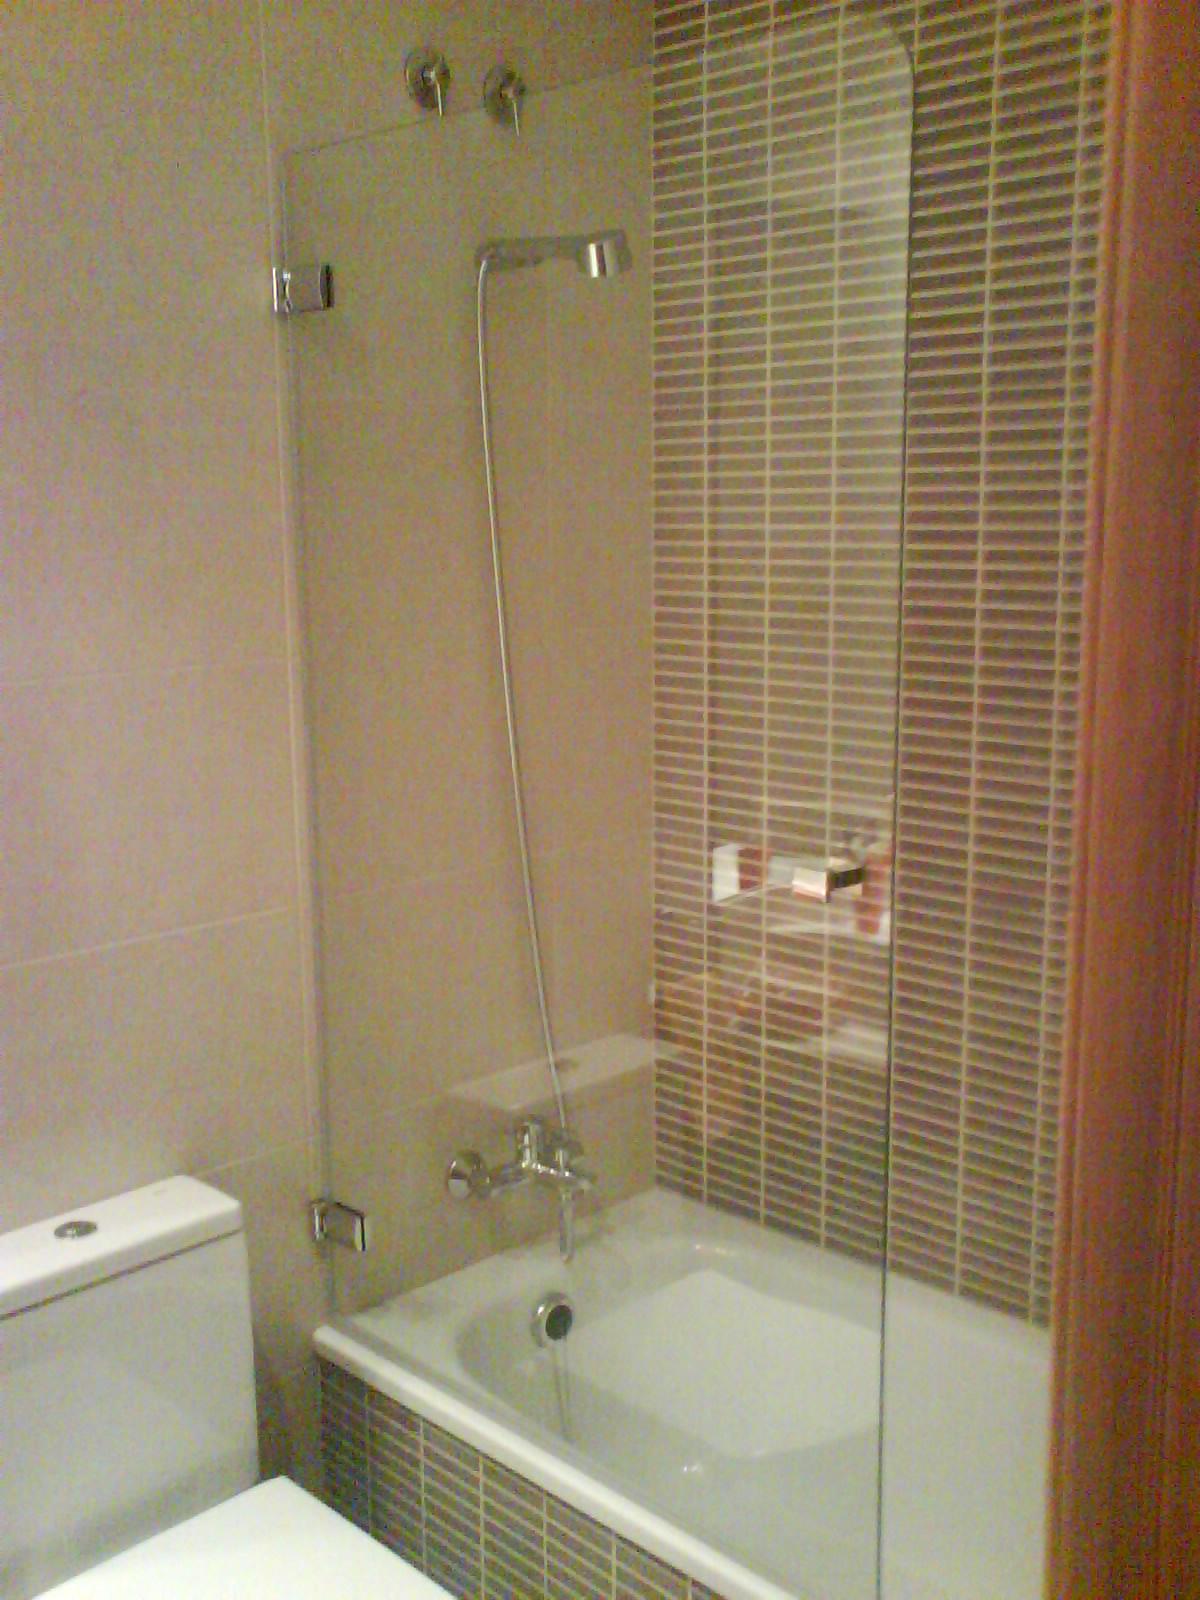 Baños Con Duchas De Vidrio:de mamparas de baño y ducha con vidrio templado y acero inoxidable en